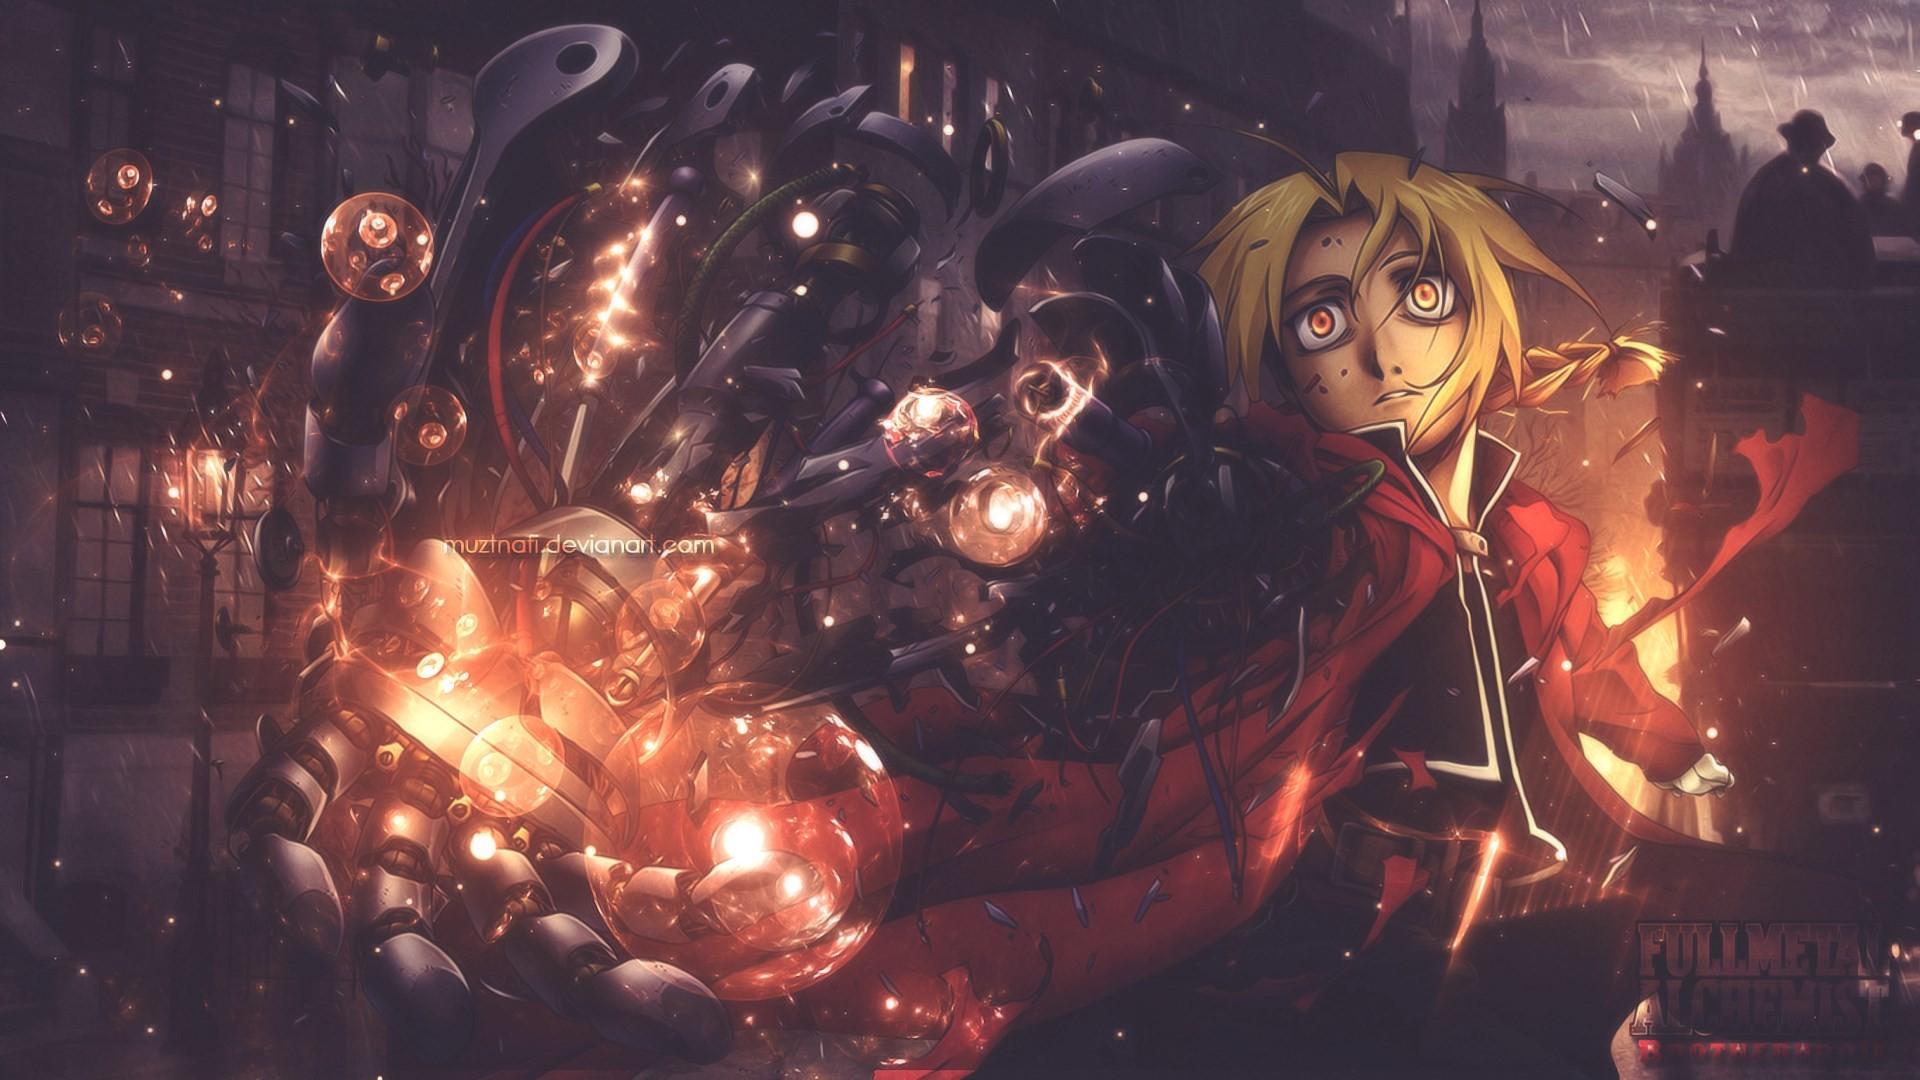 Fullmetal Alchemist Backgrounds 69 Images